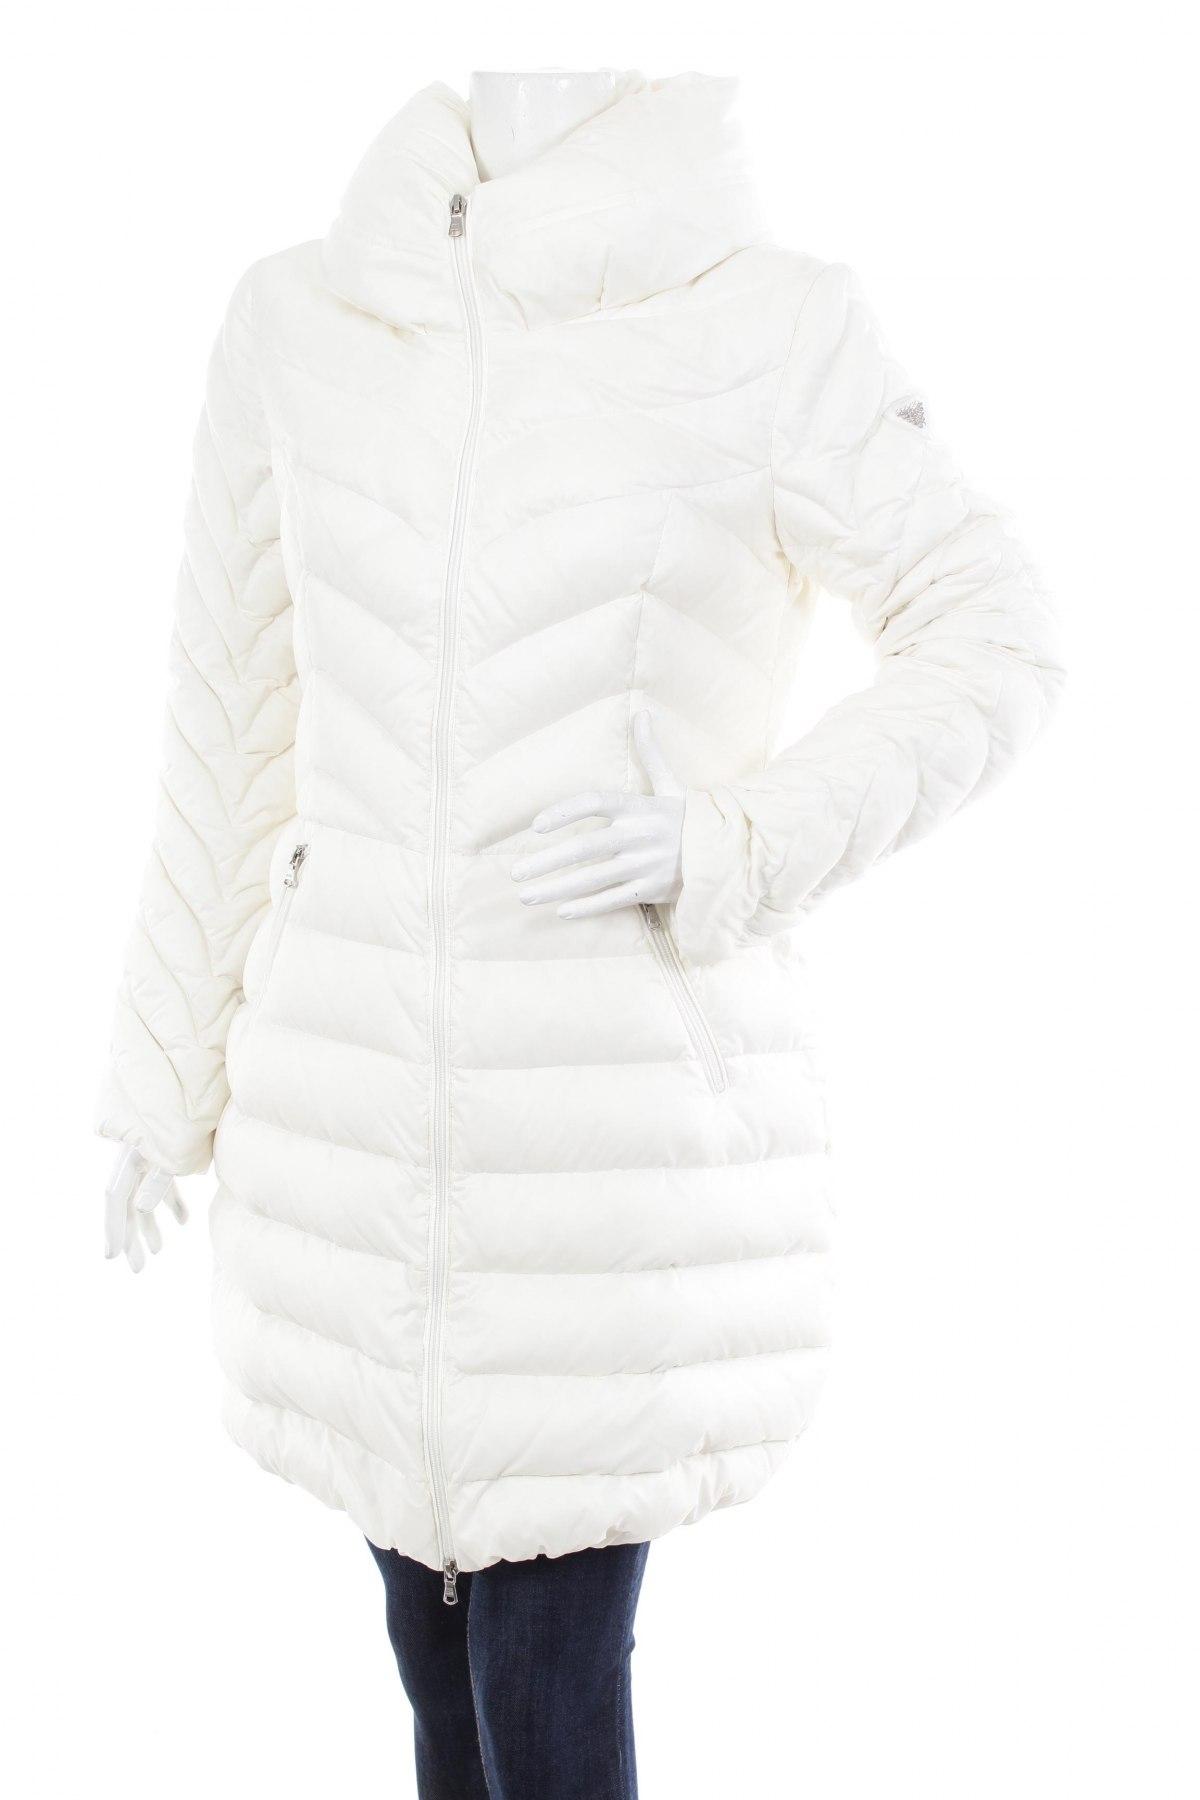 Γυναικείο μπουφάν Guess - αγοράστε σε τιμή που συμφέρει στο Remix ... b5f3fe7816f